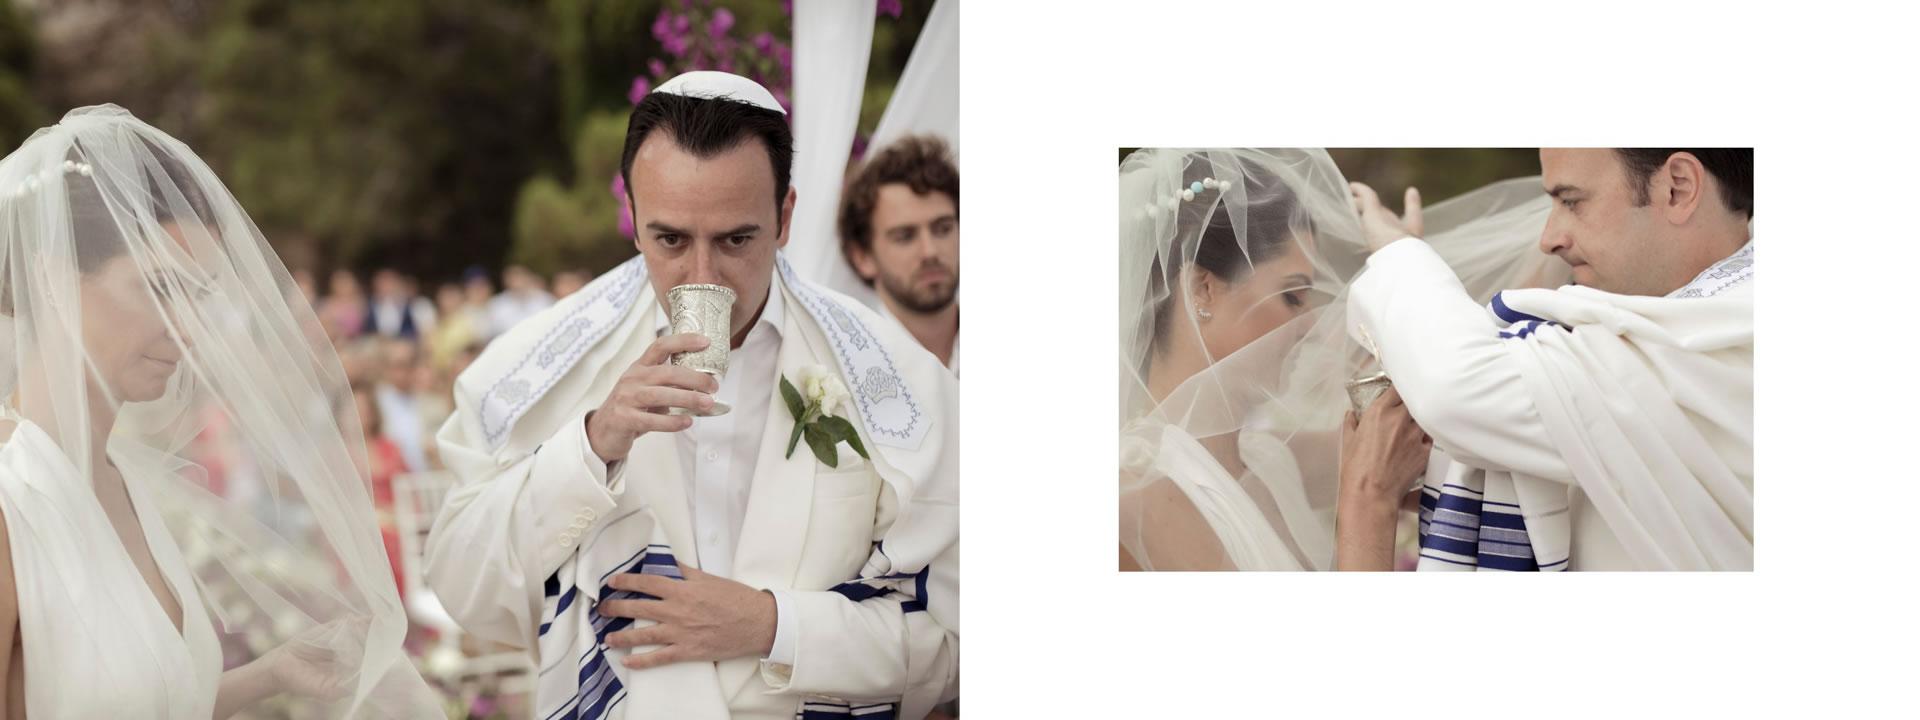 - 35 :: Jewish luxury wedding weekend in Capri :: Luxury wedding photography - 34 ::  - 35